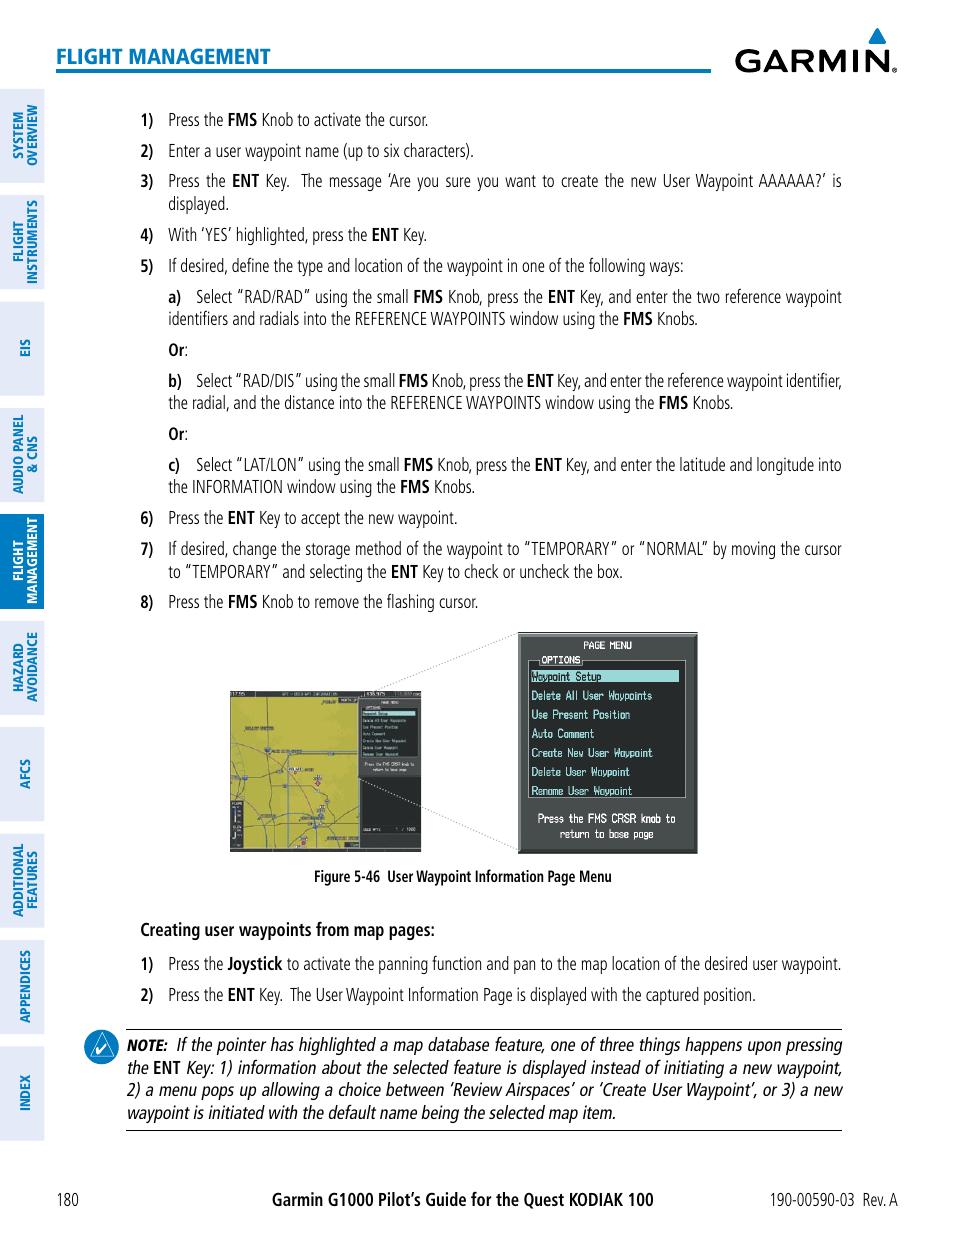 Flight management | Garmin G1000 Quest Kodiak User Manual | Page 192 / 502